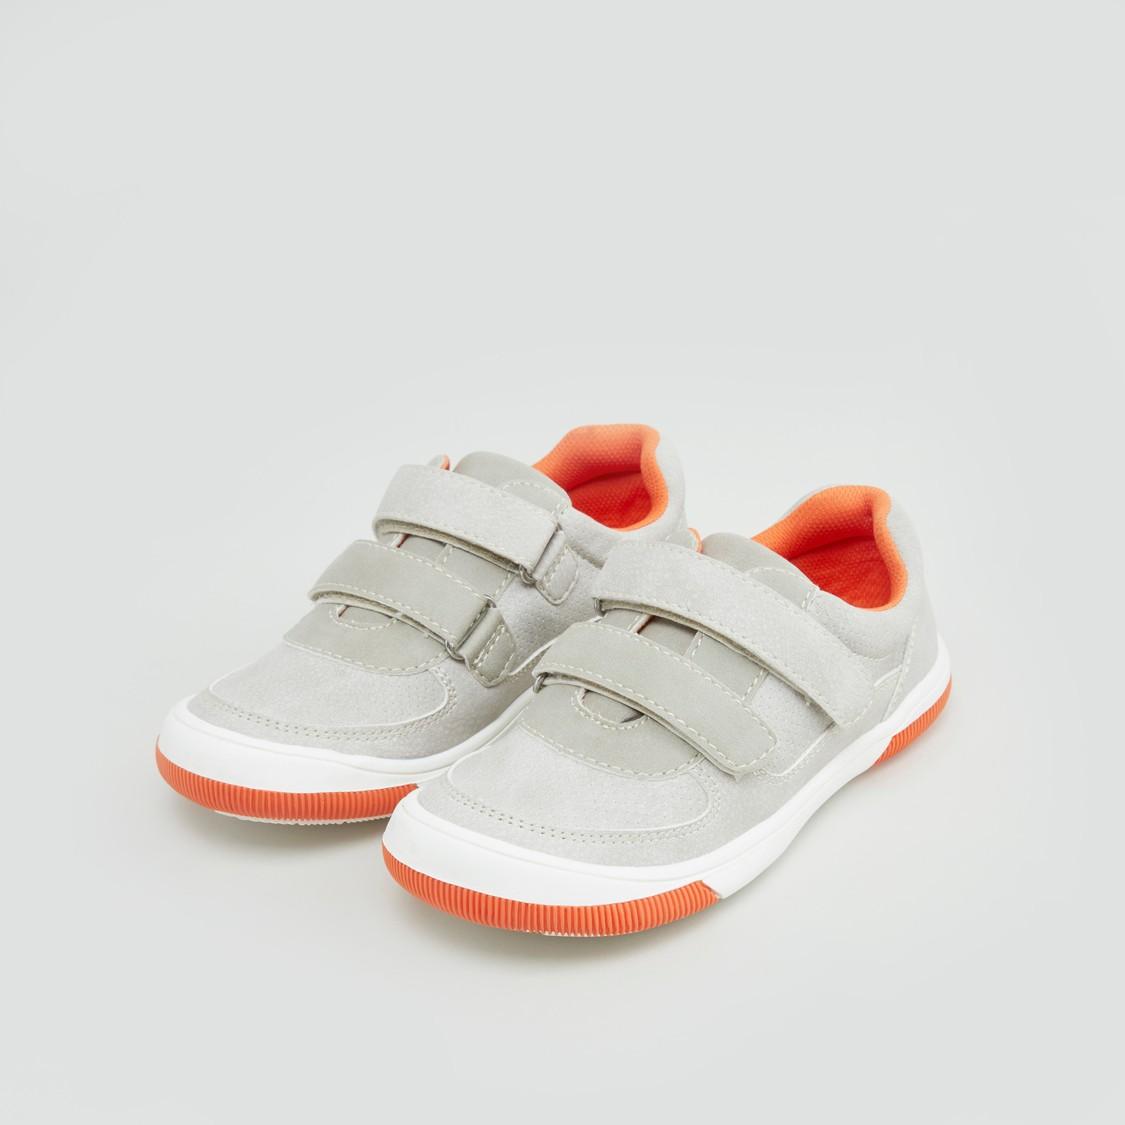 حذاء سنيكرز بكعب منخفض سهل الارتداء مع أحزمة مزدوجة